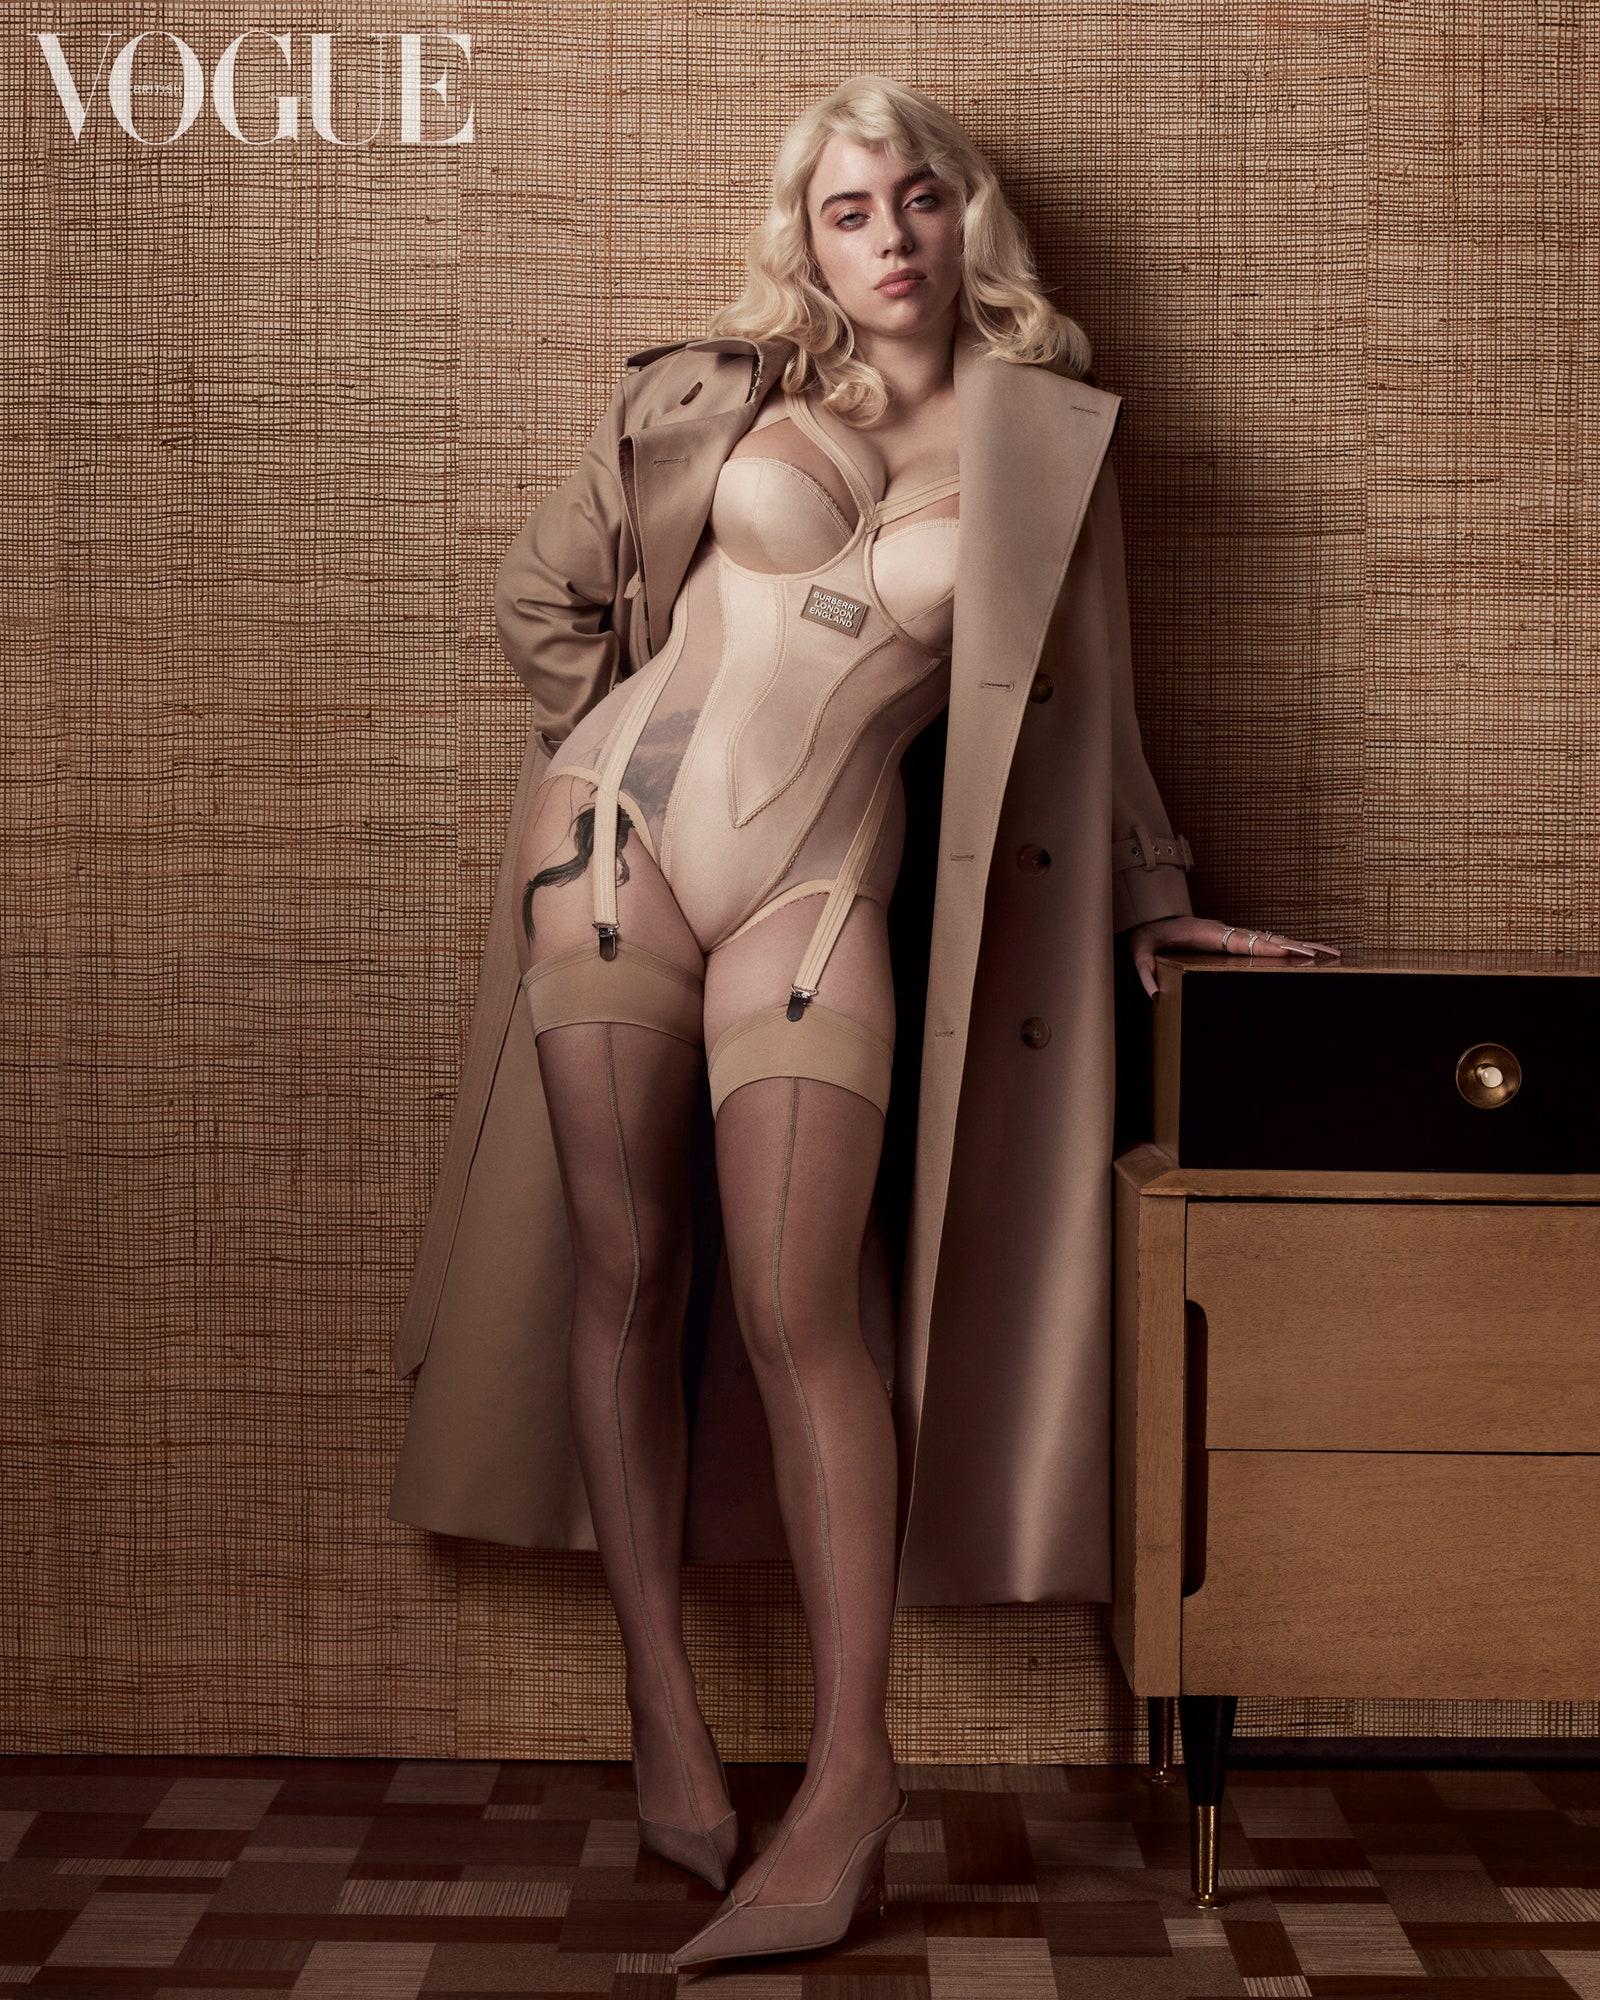 Billie Eilish strips to lingerie for Vogue UK June 2021